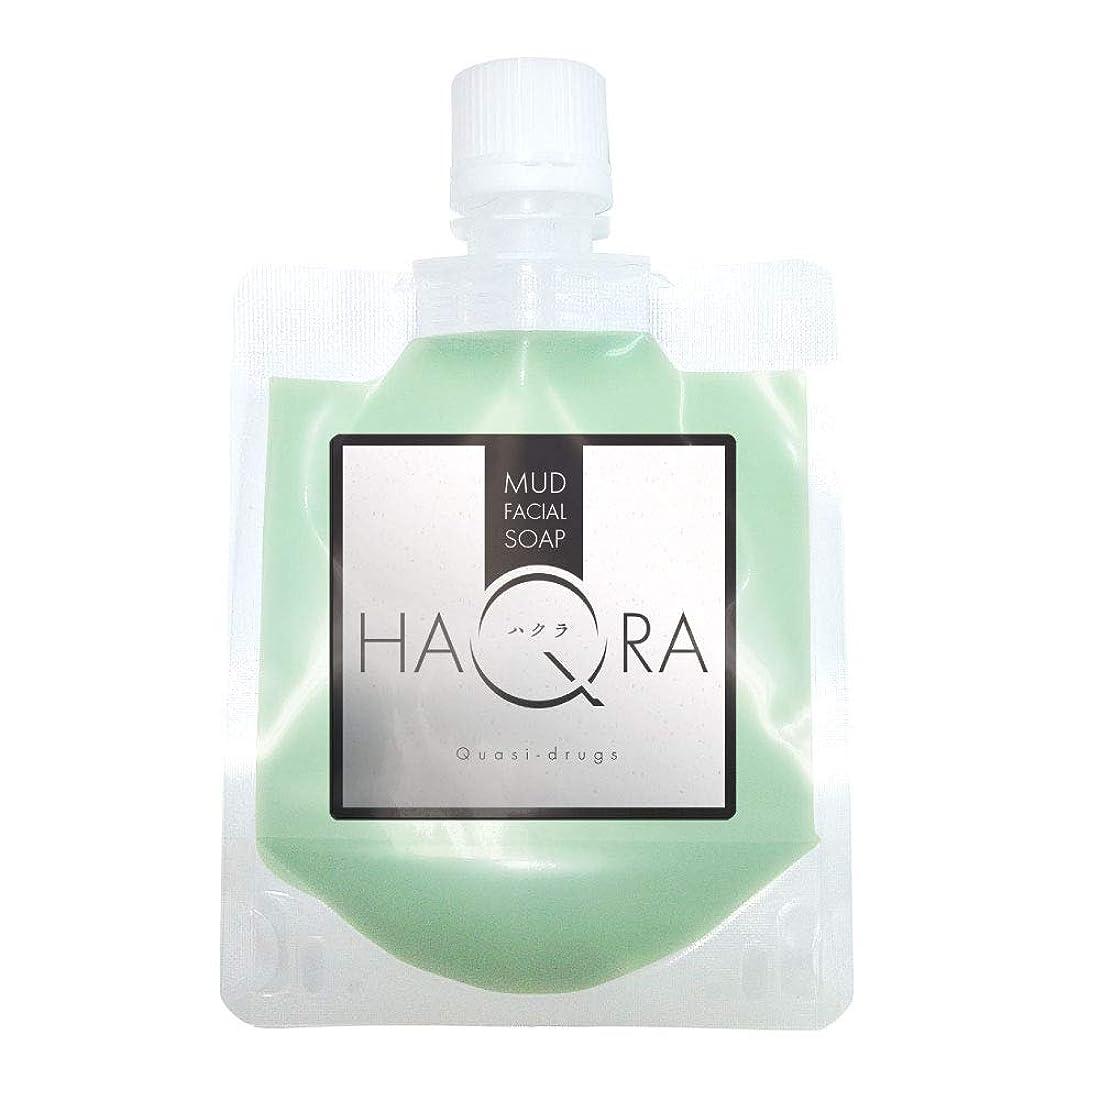 エピソードむさぼり食う弱いハクラ HAQRA クレイ洗顔 泥洗顔 石鹸 石けん